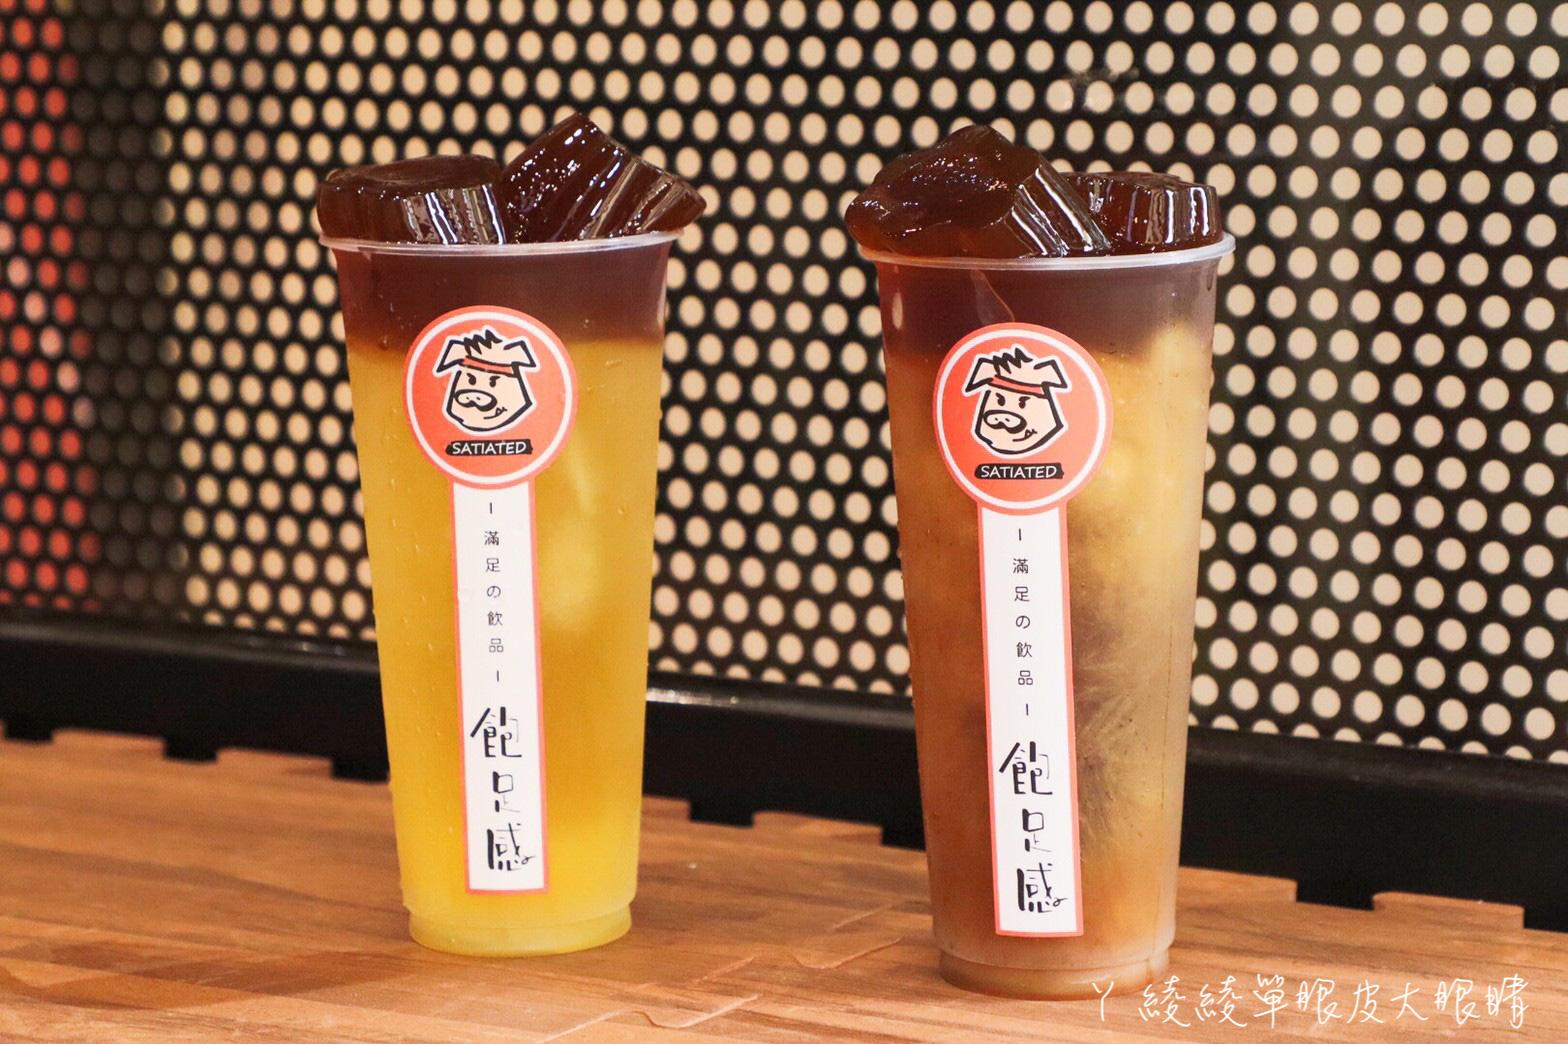 新竹飲料店超狂!市區百元外送享指定飲品買一送一!自備環保杯抽Dyson吸塵器